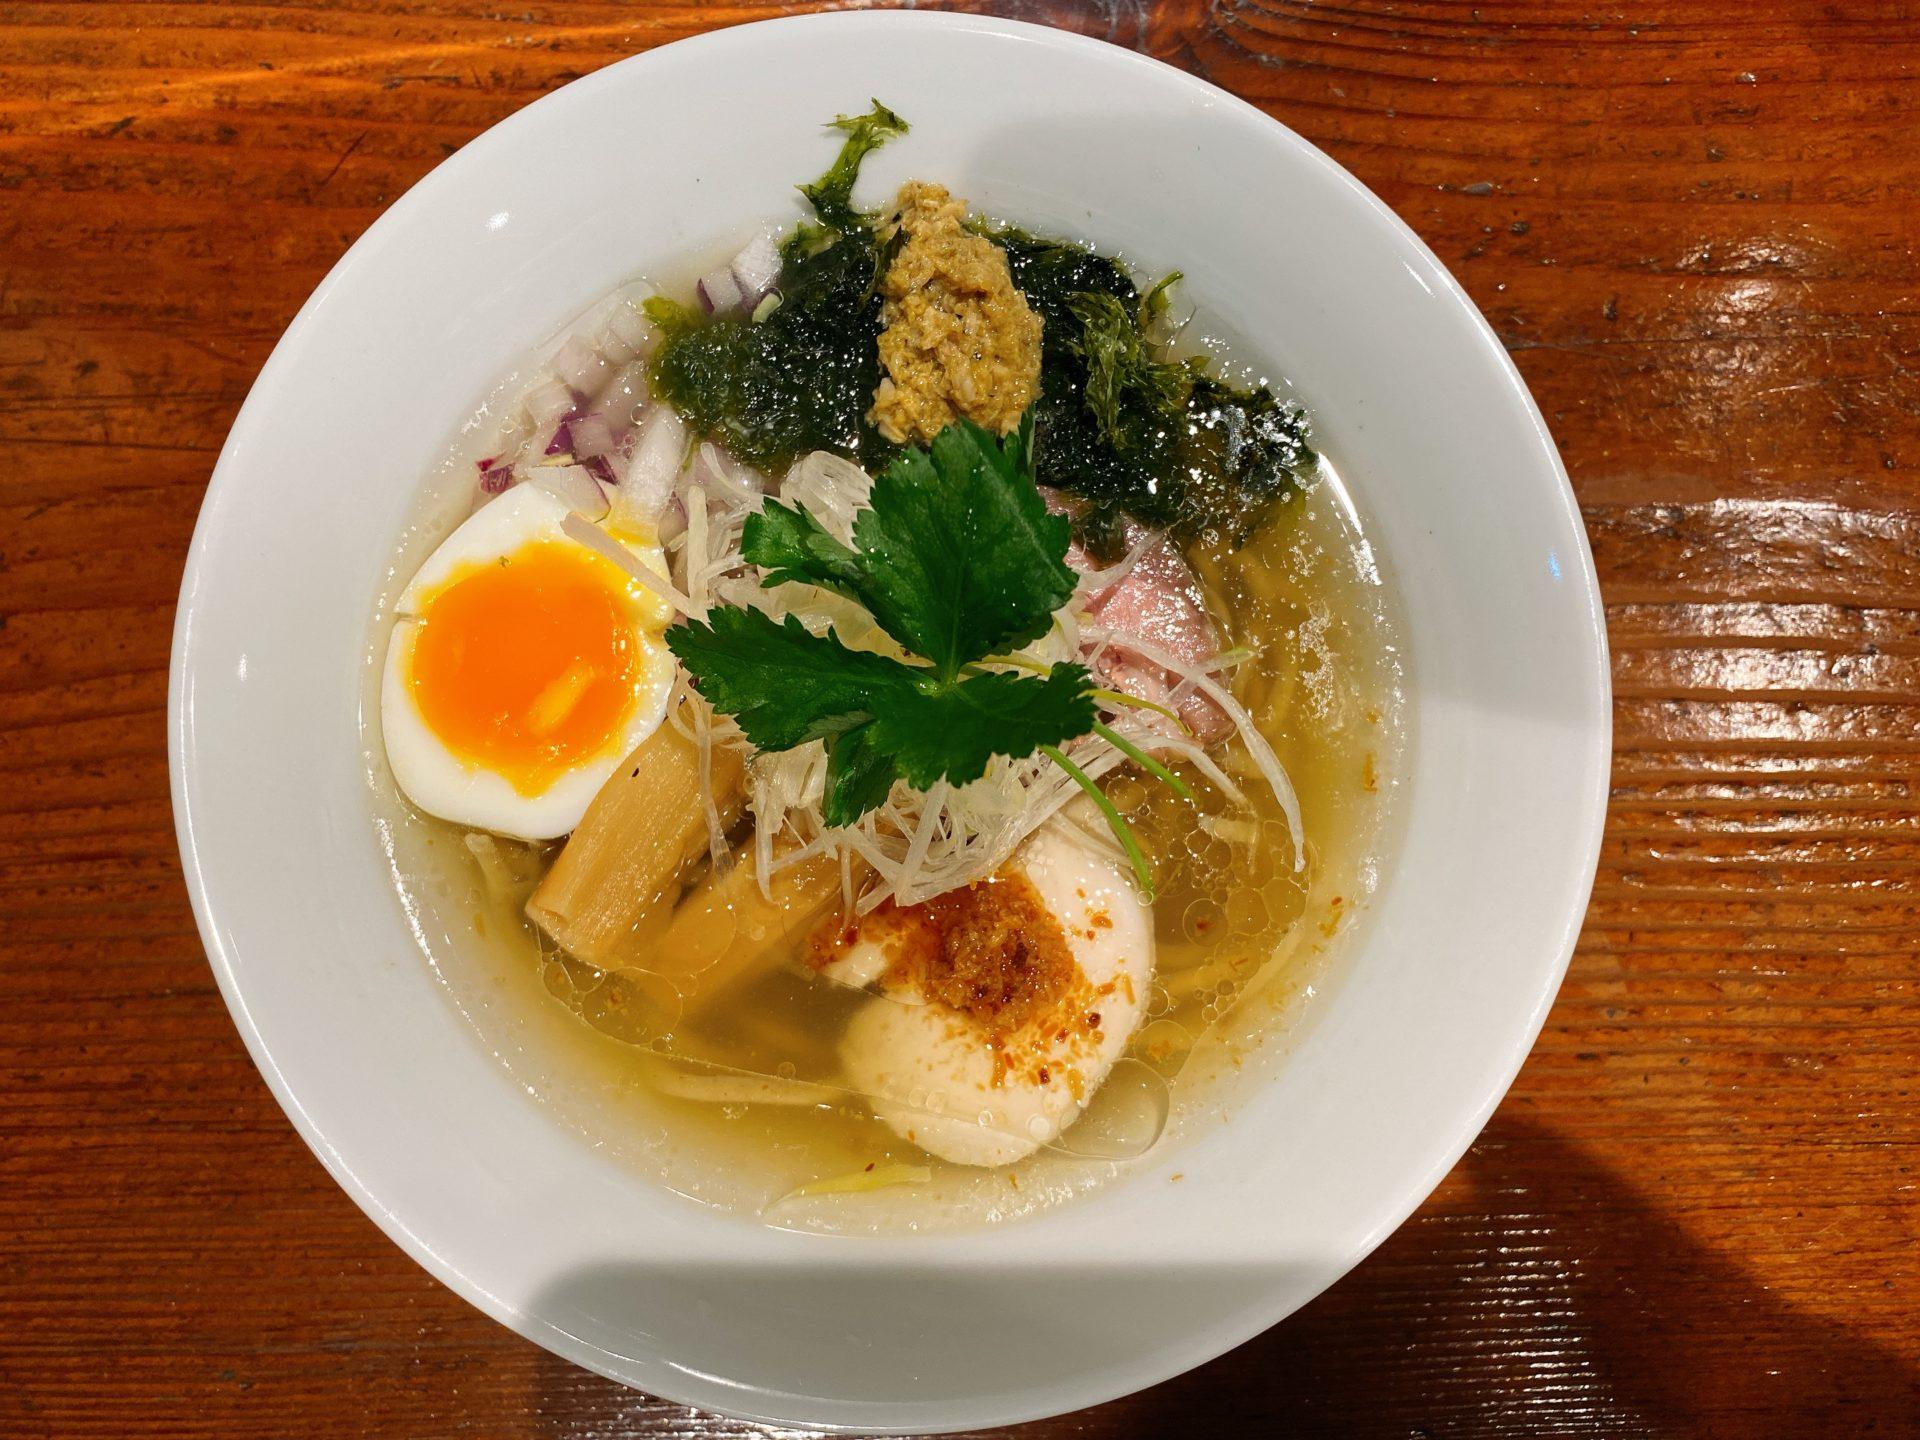 クレドすぐ南 麺酒 一照庵の鶏中華そばクラムは、鶏スープに貝の出汁を重ねた至極の味!モチモチの中太麺とも相性バツグン!